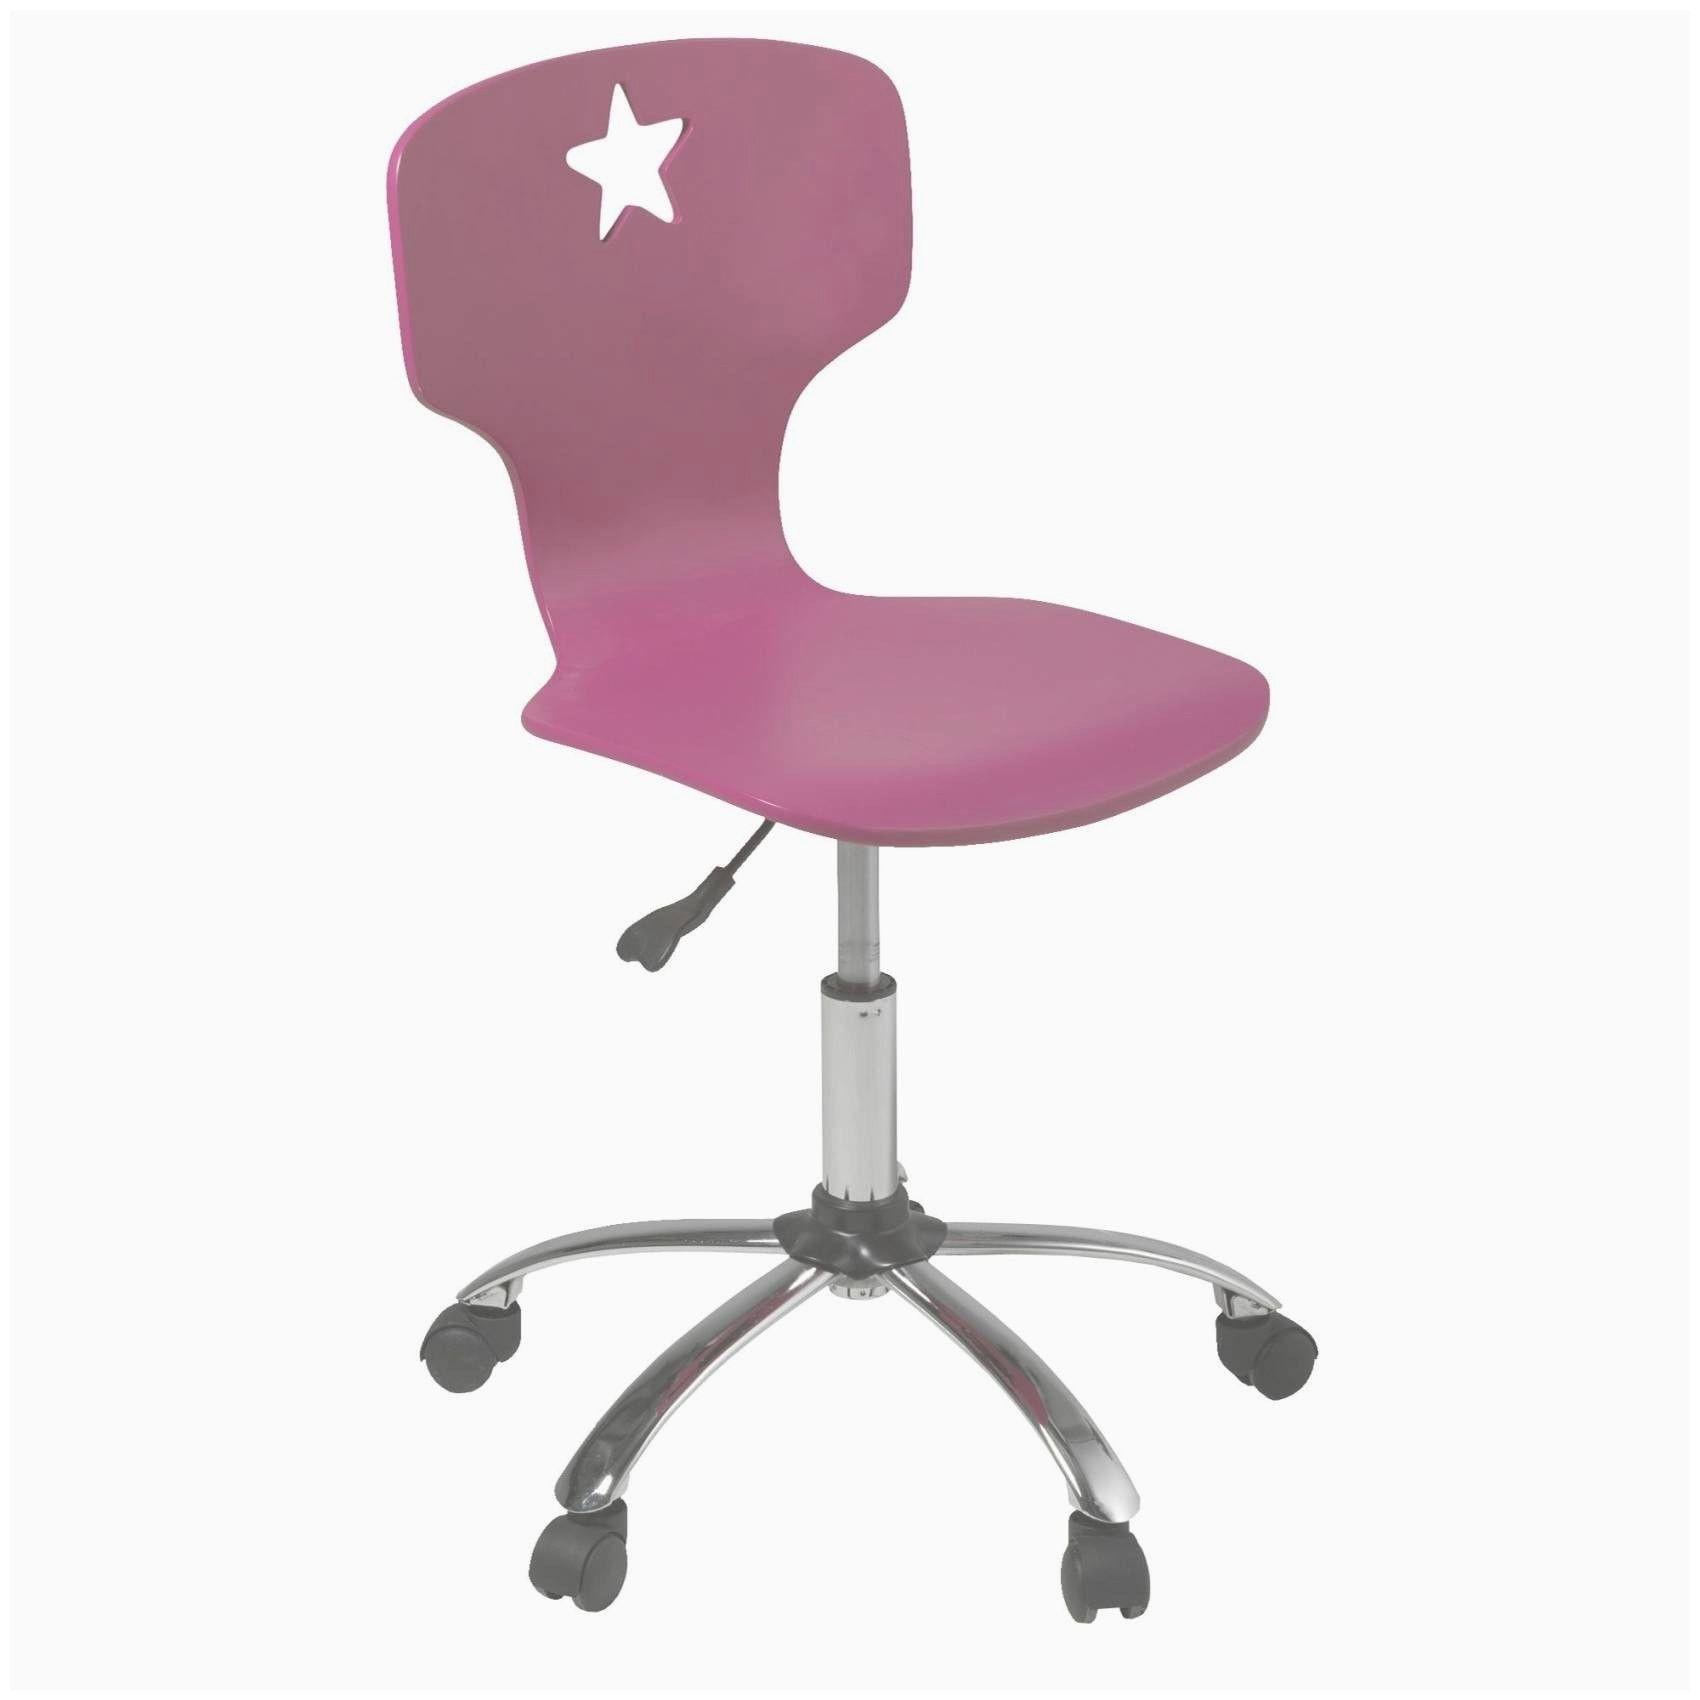 Impressionnant Chaise Jaune Ikea Idees Inspirantes Chaise Bistrot Jaune Chaise Cuir Jaune Ikea Chais Chaise Bureau Chaises Jaunes Mobilier Design Pas Cher